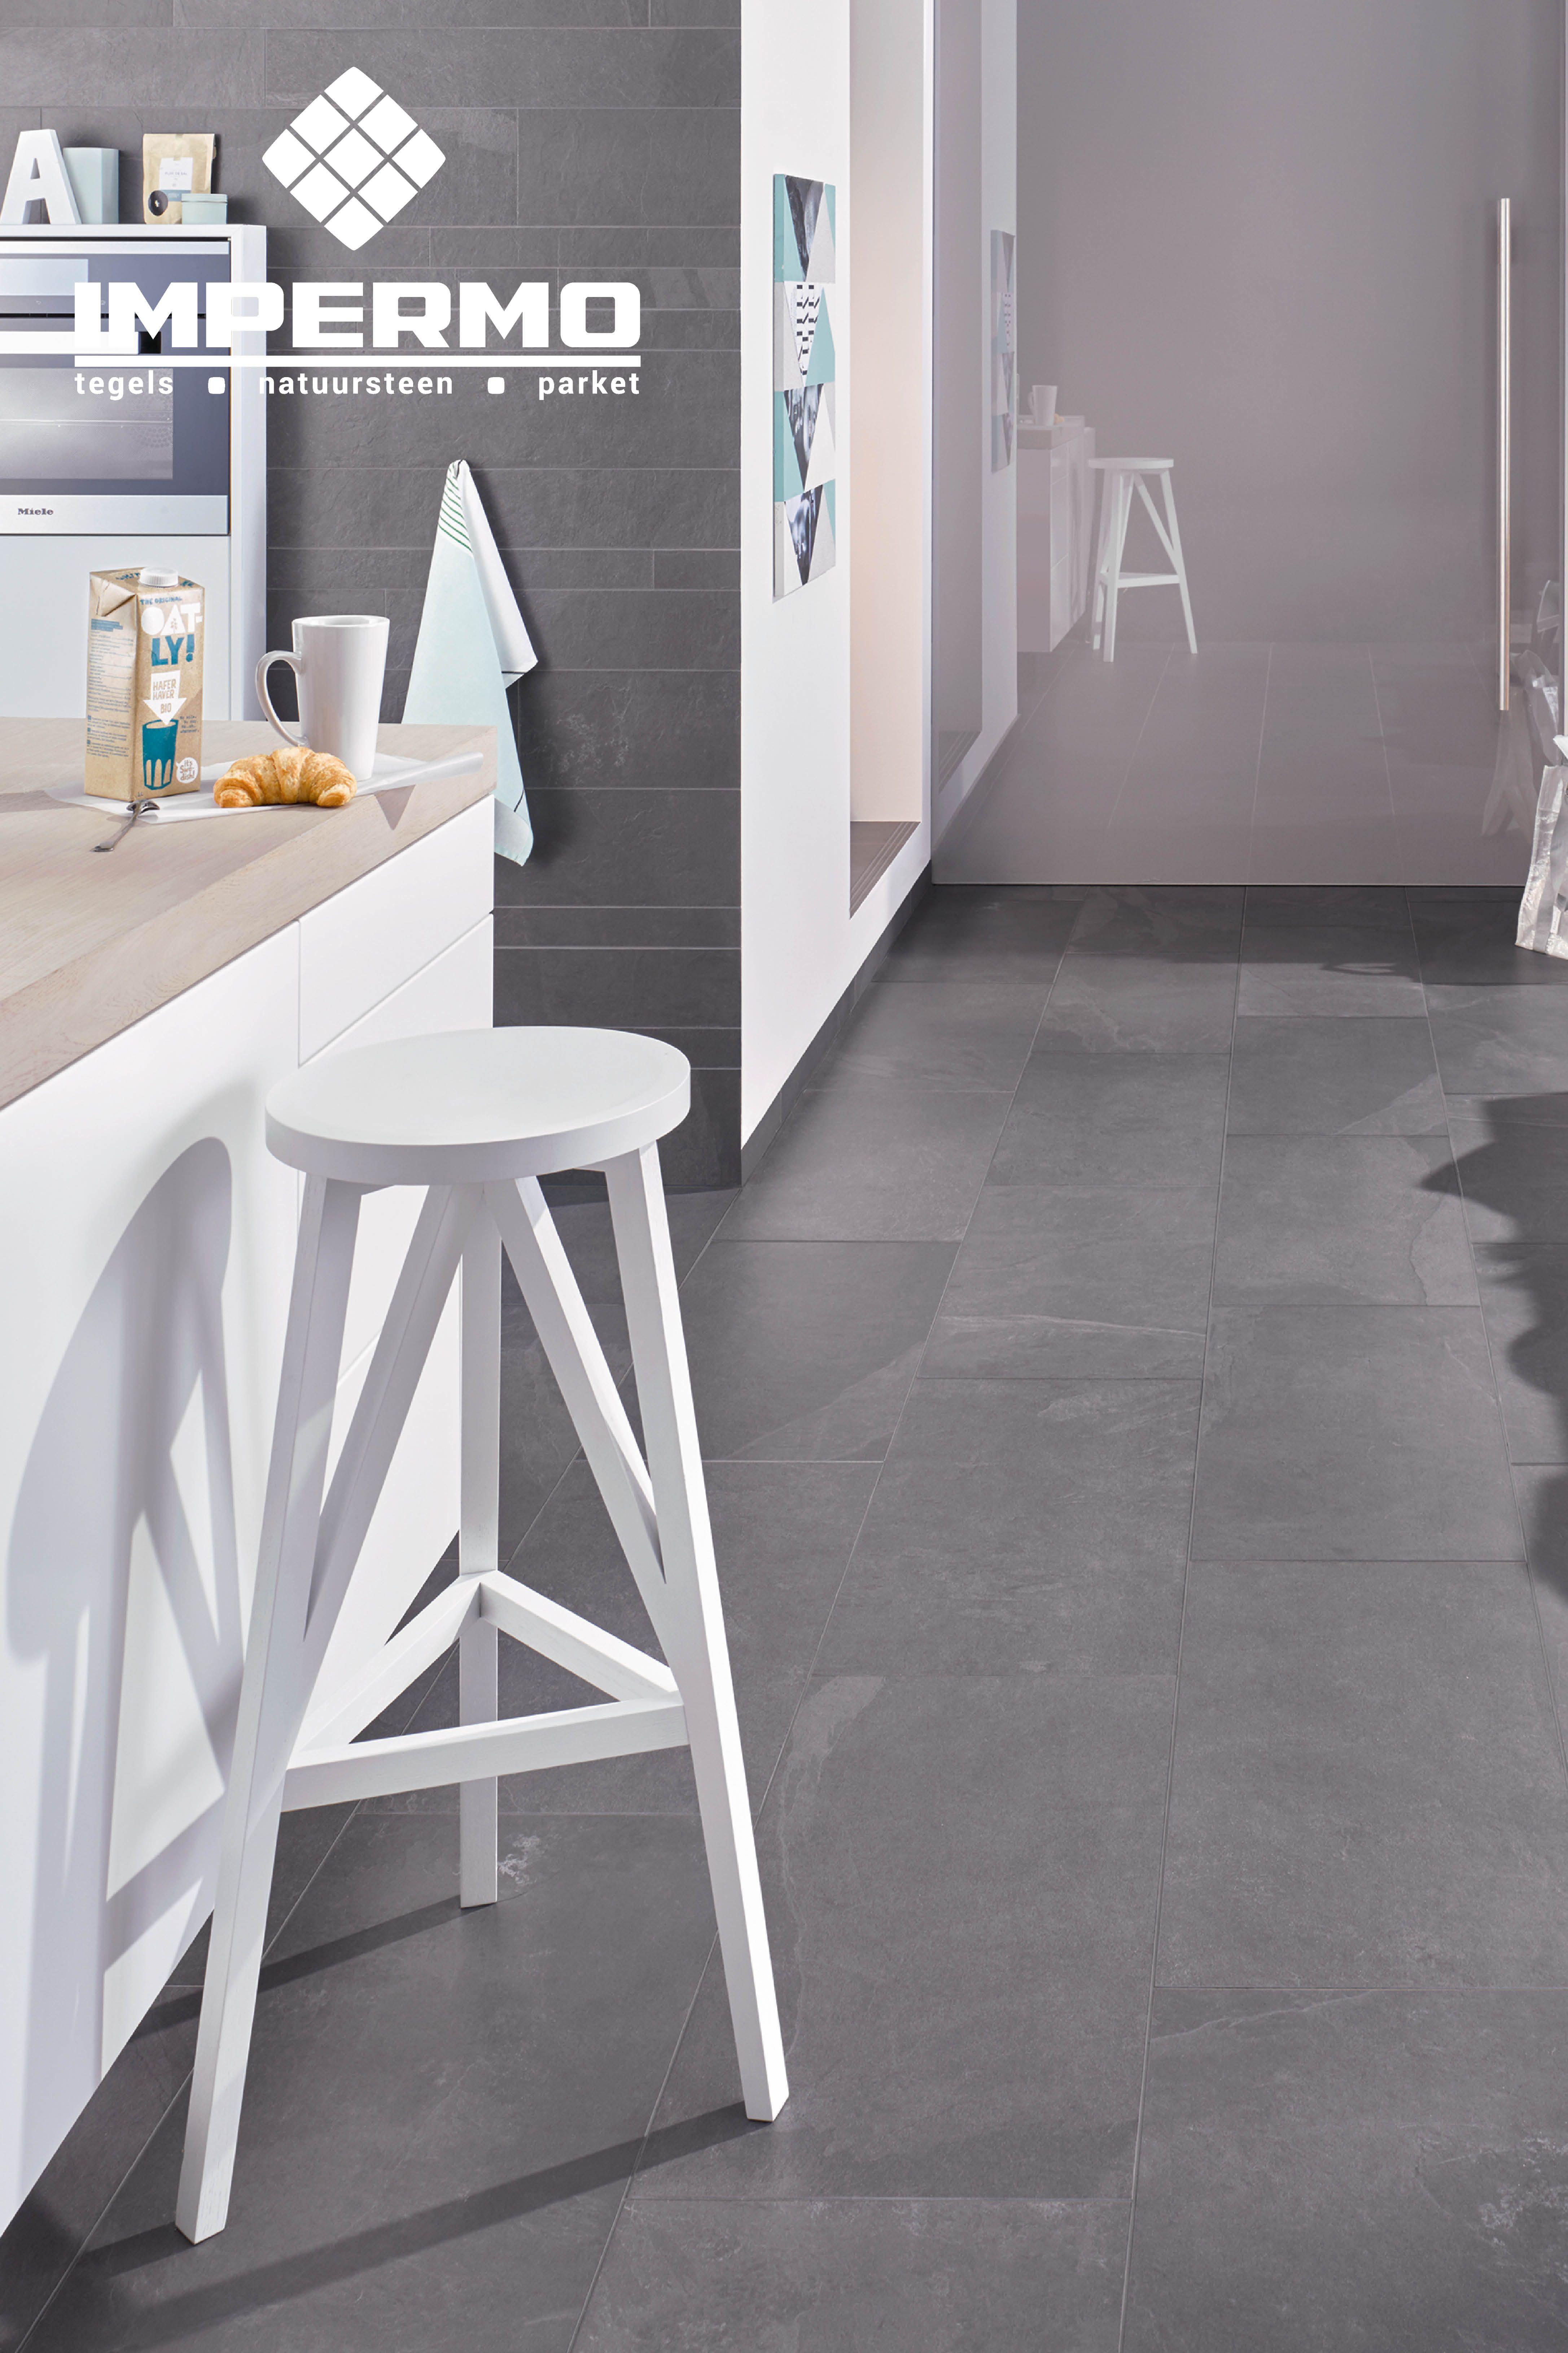 Volkeramische Vloertegel Imitatie Leisteen In Een Keuken Through Body Ceramic Floor Tile Imitation Black Slate Vloertegels Keramische Vloertegels Tegels